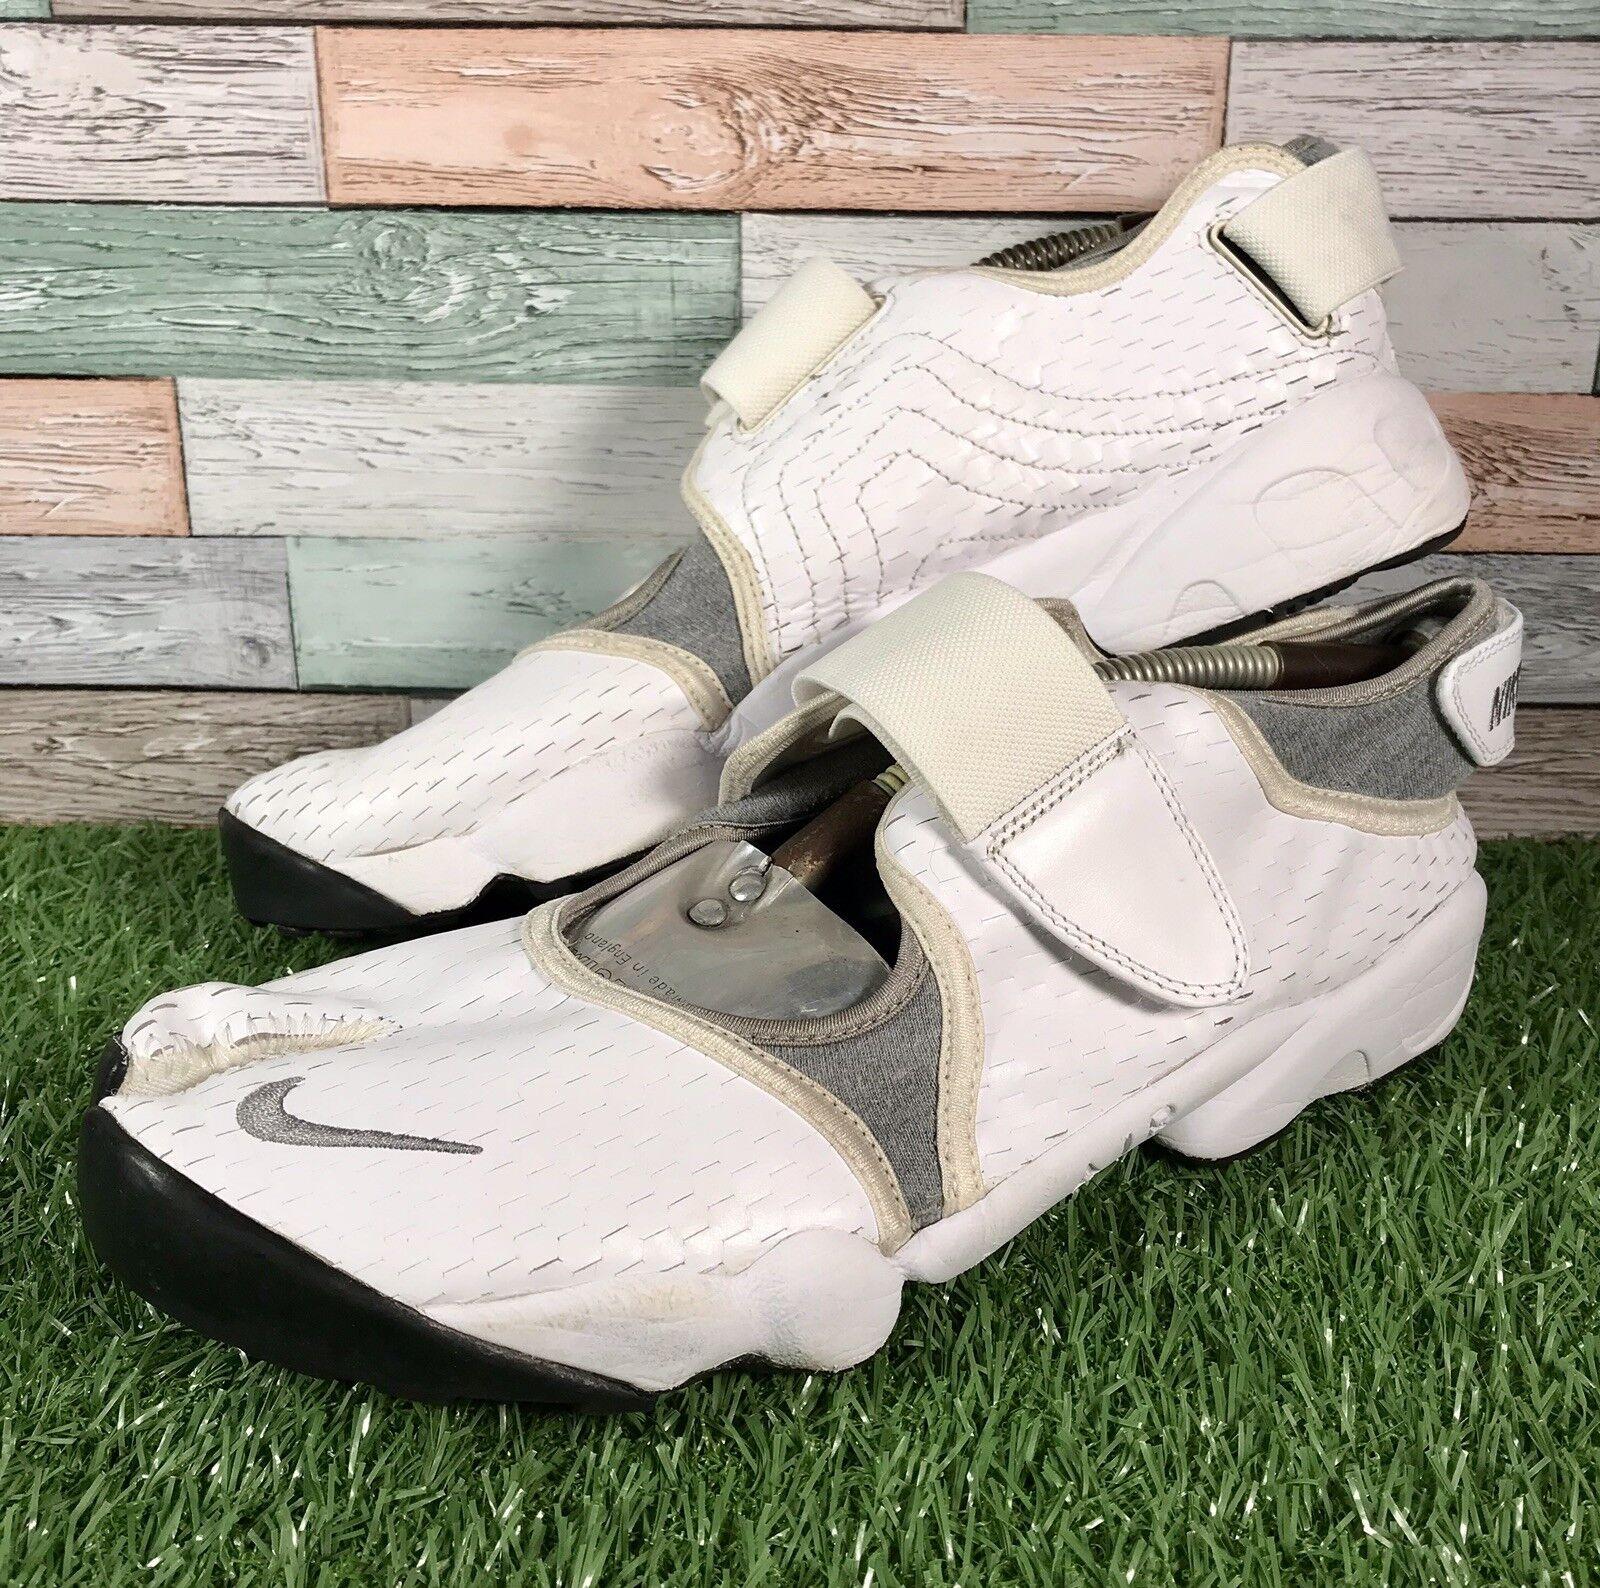 Nike Air Gris Gris Gris Blanc Air Rift split orteil baskets